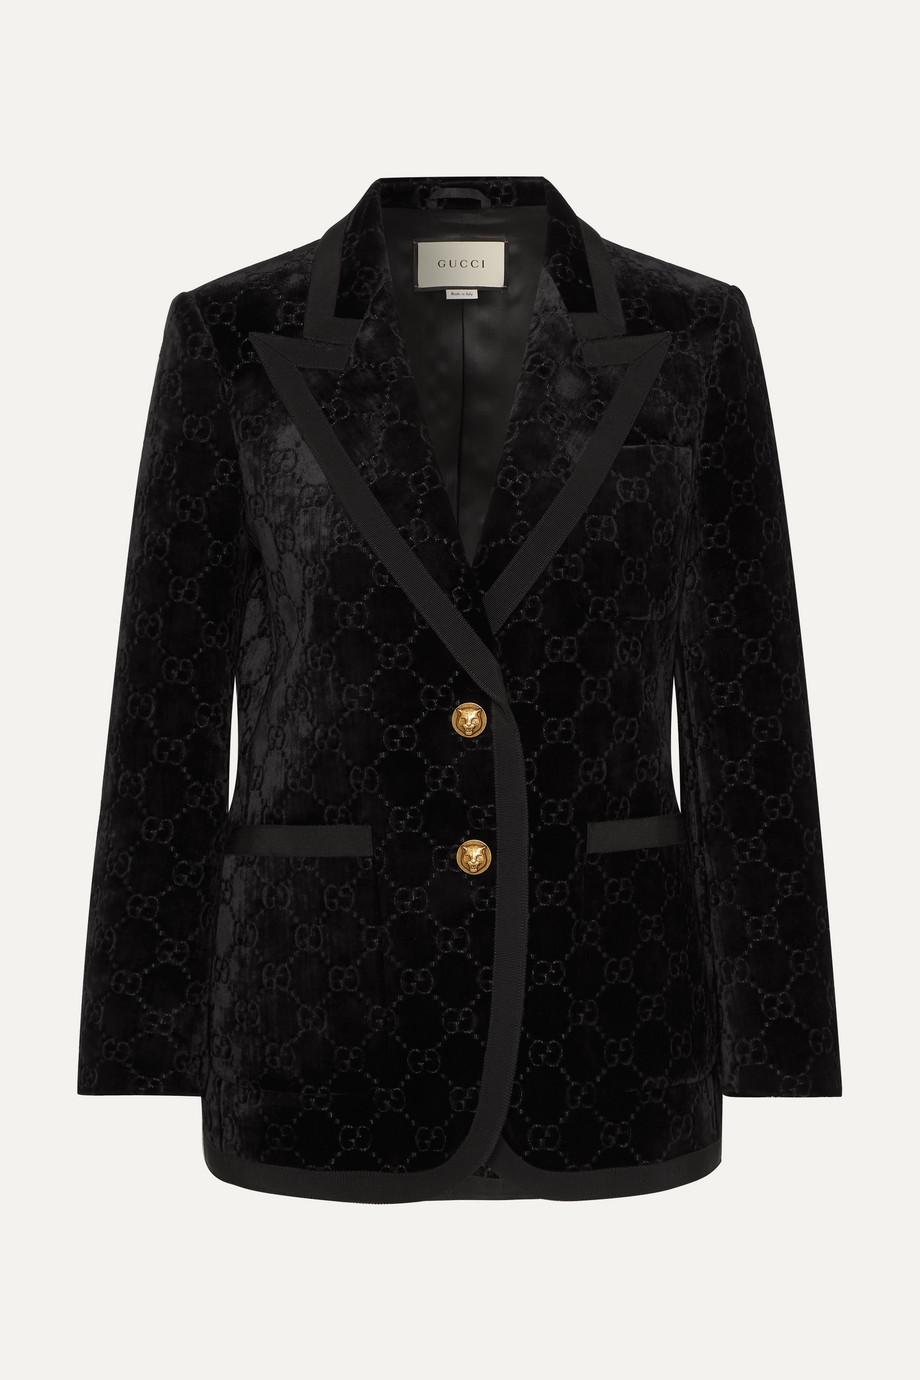 Gucci Grosgrain-trimmed metallic velvet-jacquard blazer